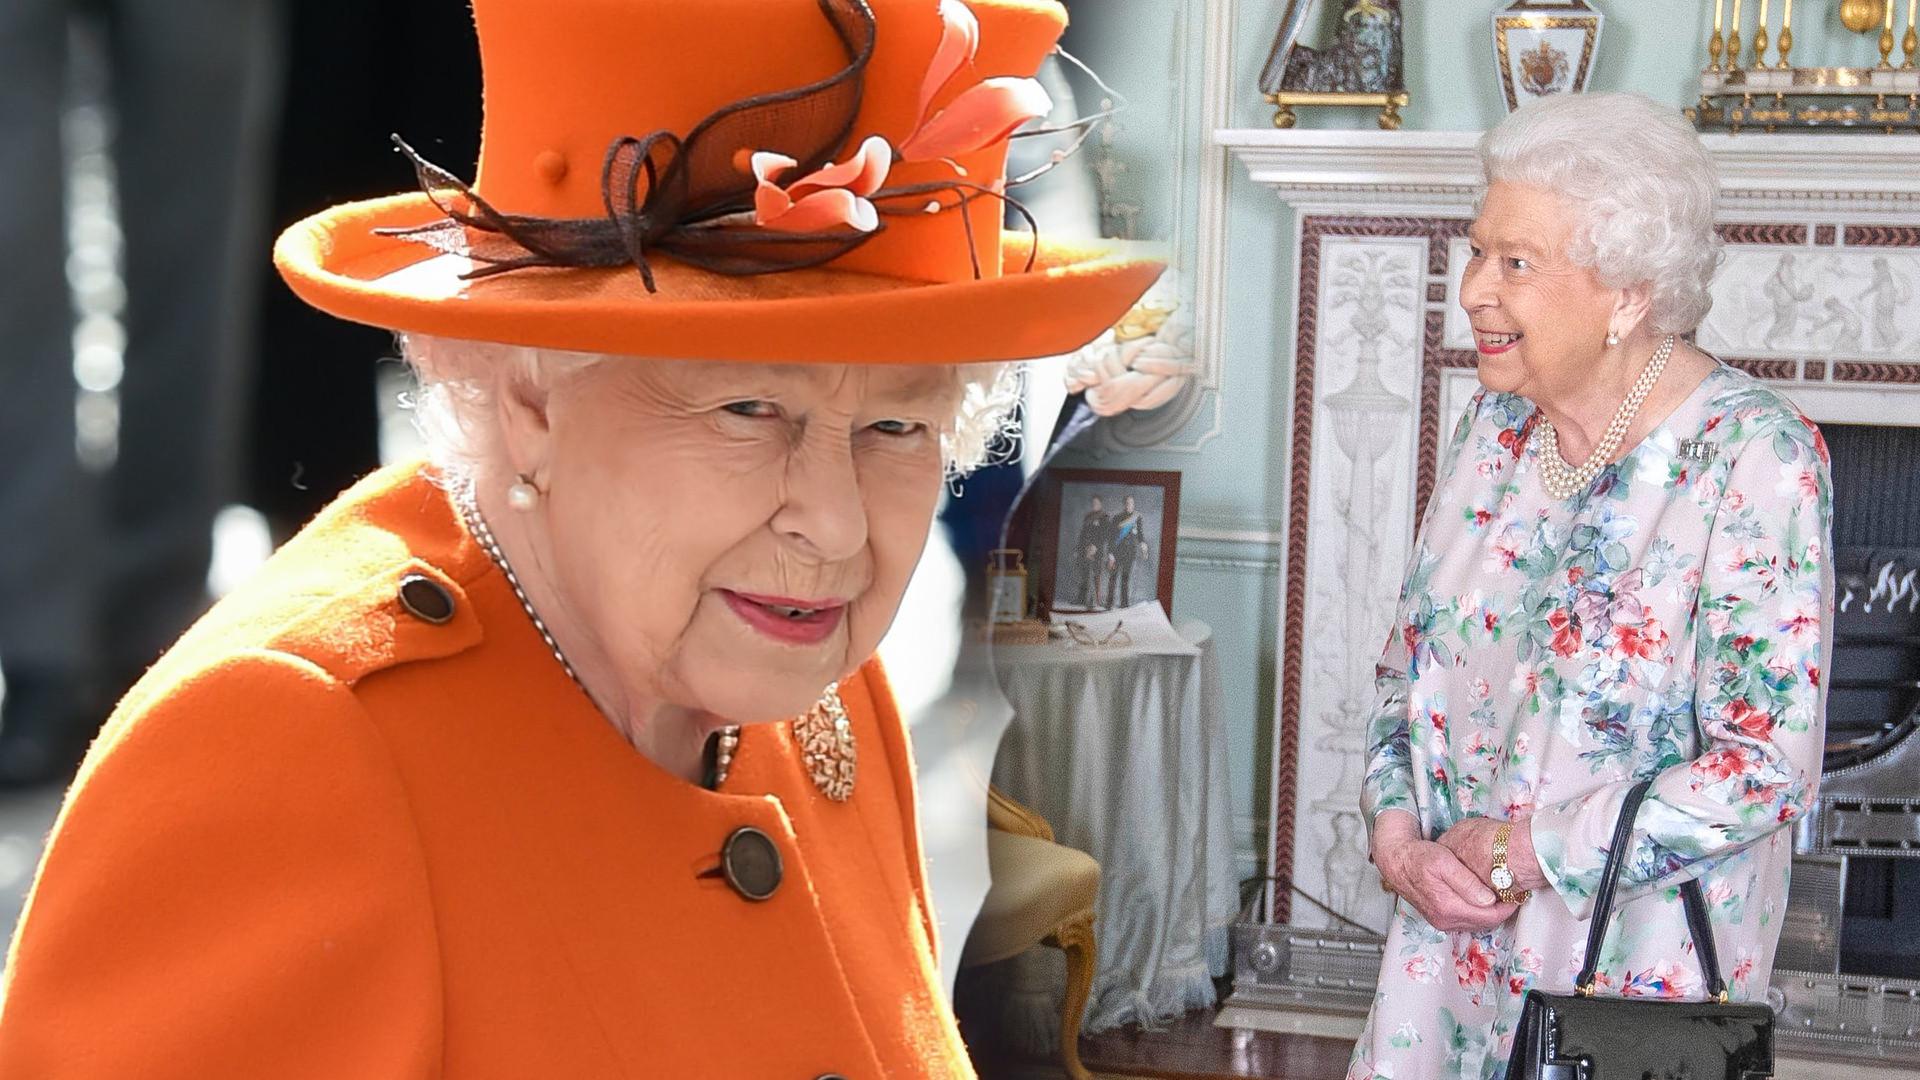 Królowa Elżbieta ZLIKWIDOWAŁA zdjęcie Meghan i Harry'ego, które stało w jej salonie